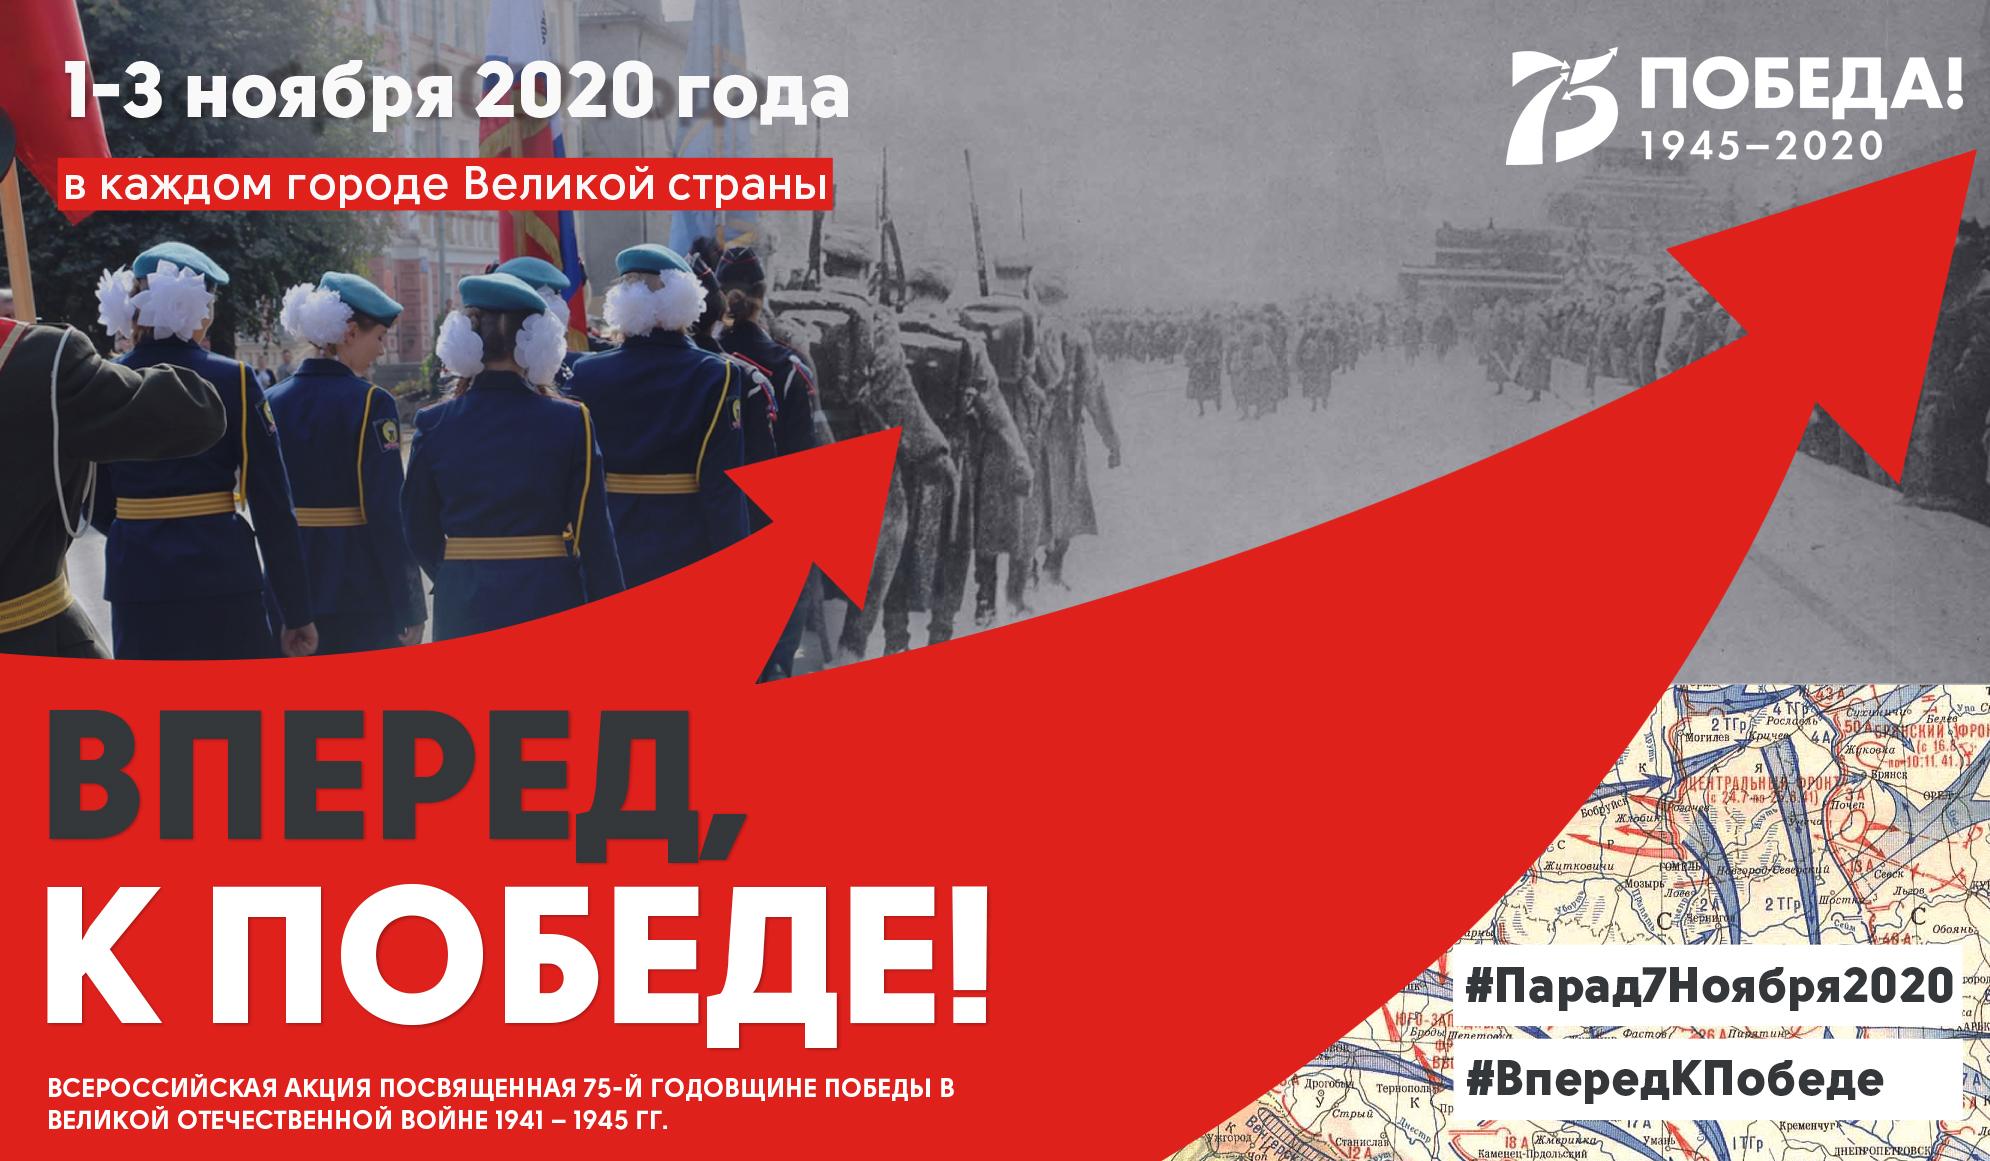 Патриотическая акция «Вперед, к Победе!» состоится в Тверской области